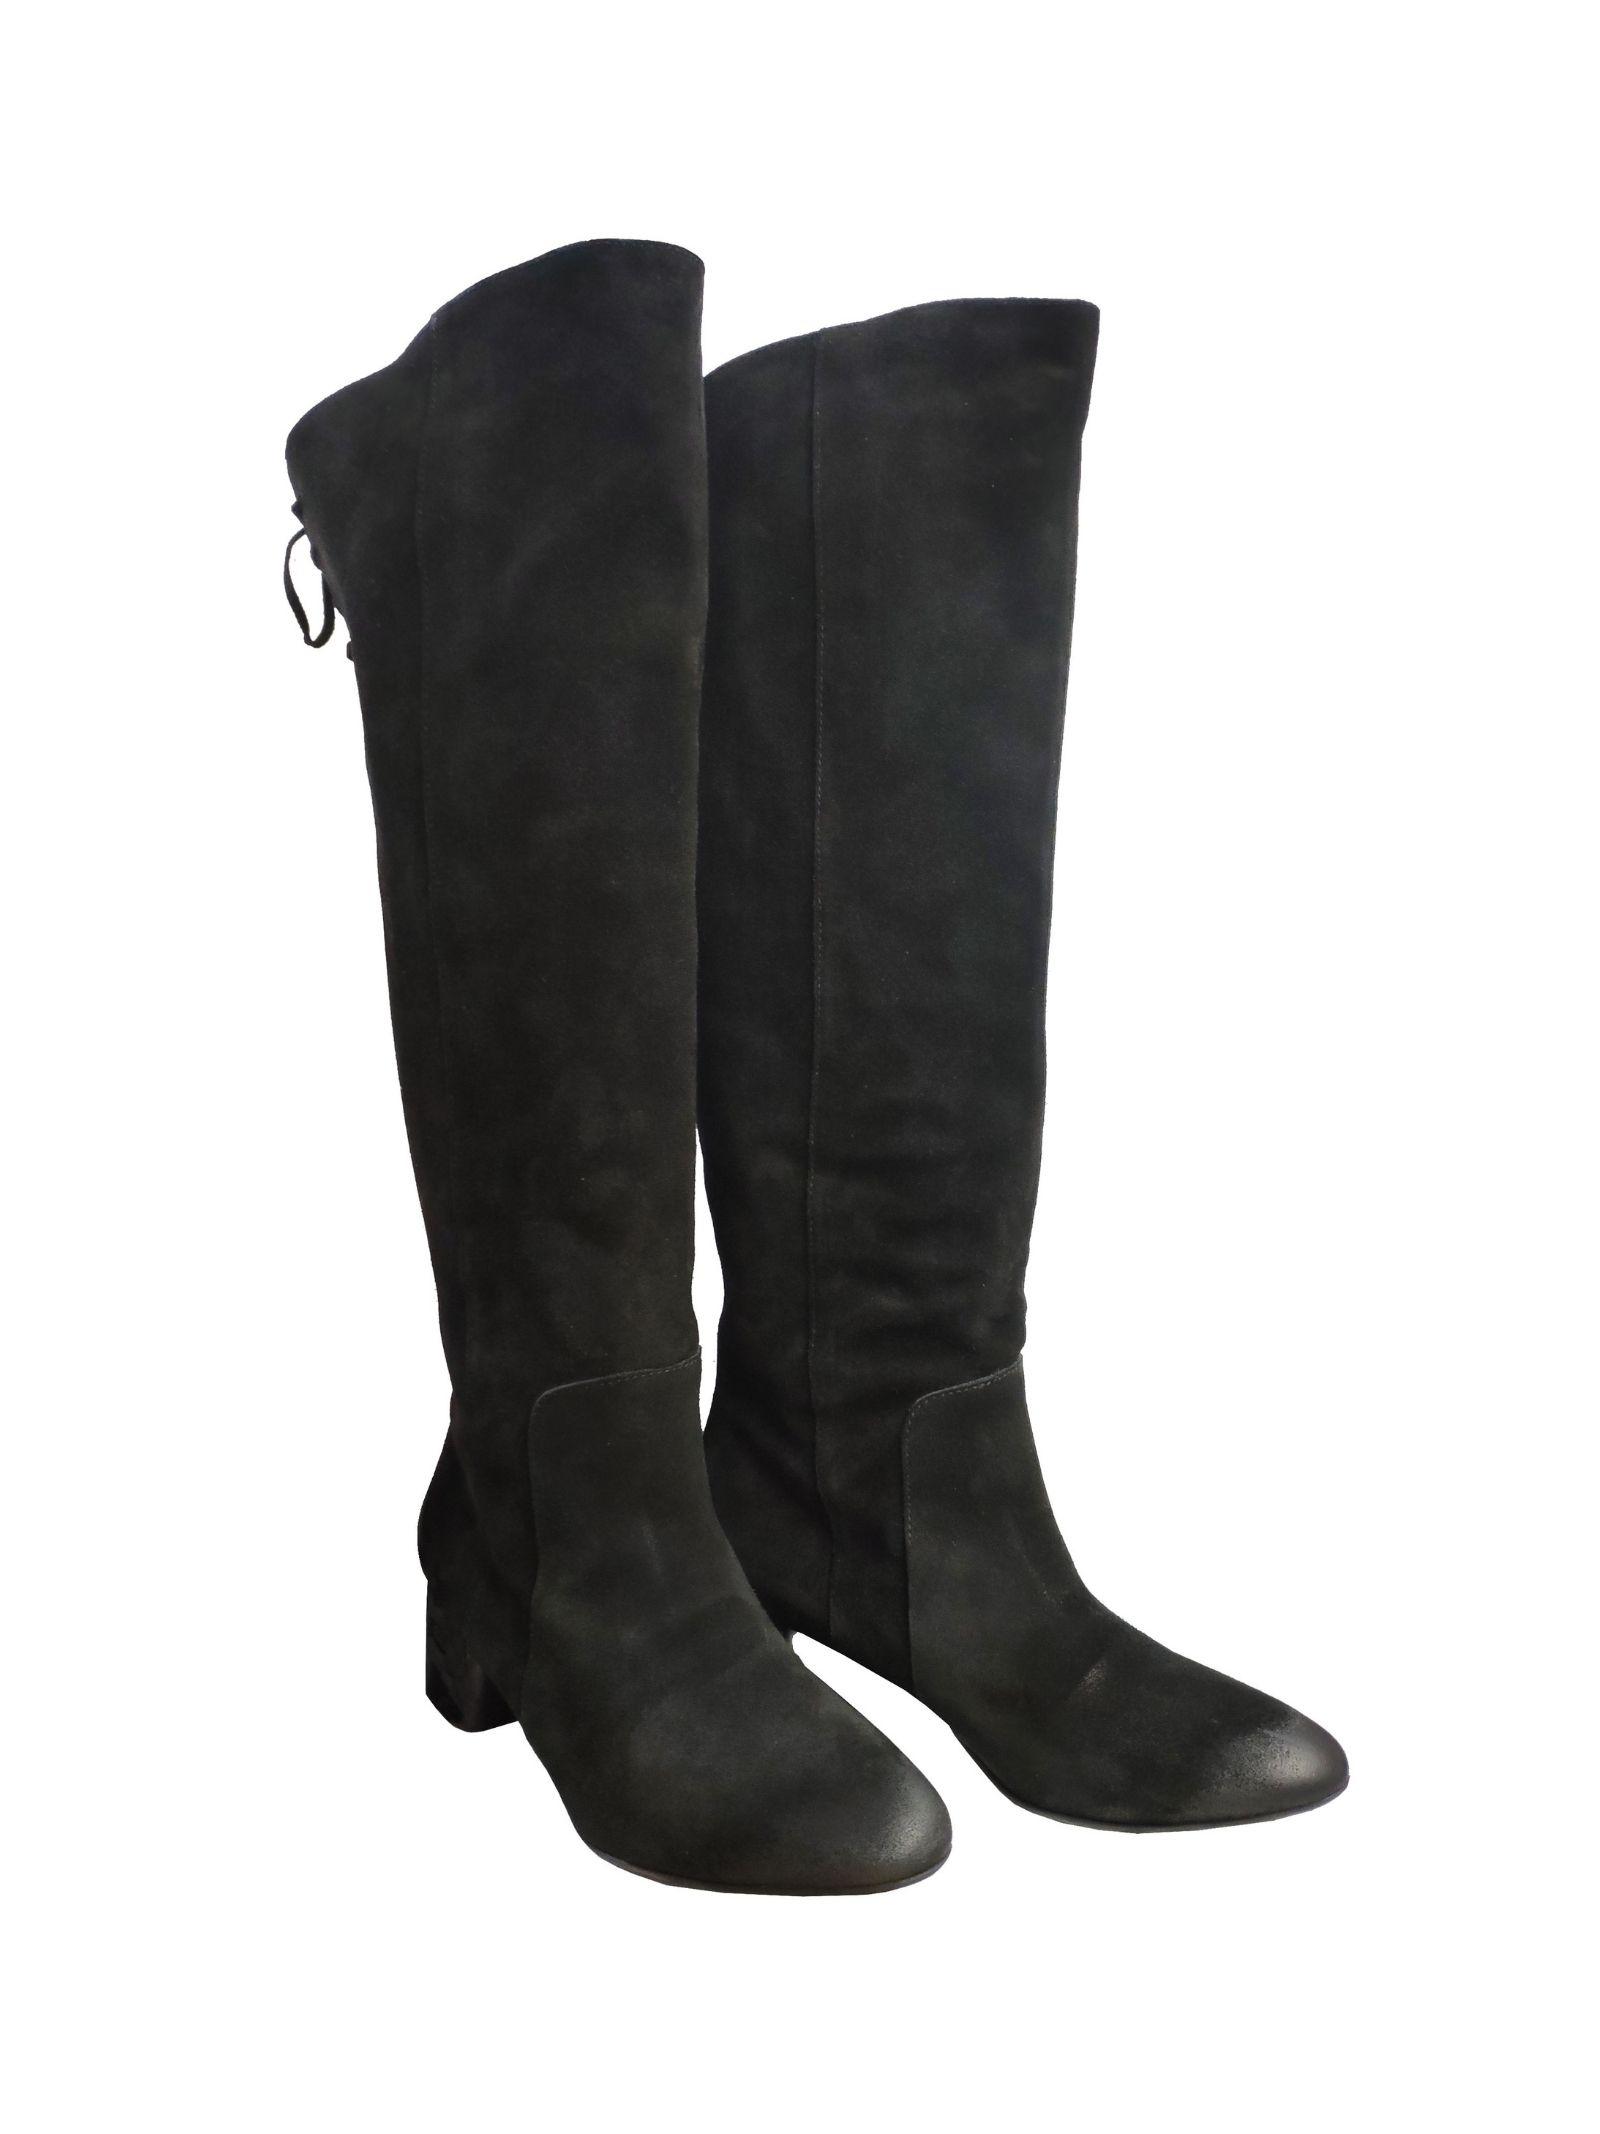 Bow Woman Boots Spatarella   Boots   CU82NERO